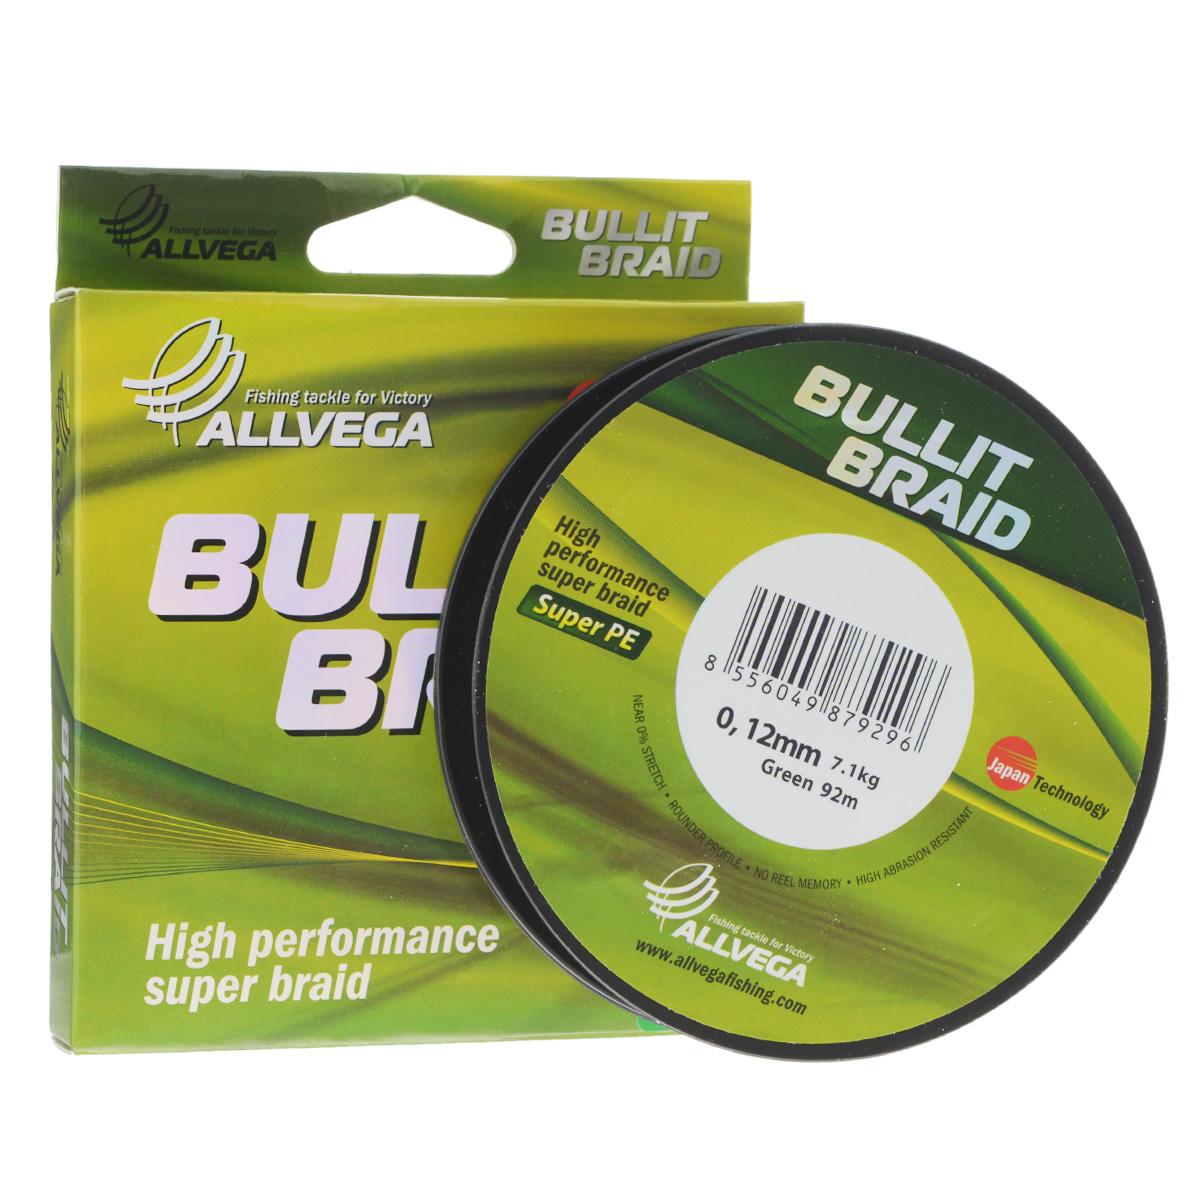 Леска плетеная Allvega Bullit Braid, цвет: темно-зеленый, 92 м, 0,12 мм, 7,1 кг39950Леска Allvega Bullit Braid с гладкой поверхностью и одинаковым сечением по всей длине обладает высокой износостойкостью. Благодаря микроволокнам полиэтилена (Super PE) леска имеет очень плотное плетение и не впитывает воду. Леску Allvega Bullit Braid можно применять в любых типах водоемов. Особенности:повышенная износостойкость;высокая чувствительность - коэффициент растяжения близок к нулю;отсутствует память; идеально гладкая поверхность позволяет увеличить дальность забросов; высокая прочность шнура на узлах.